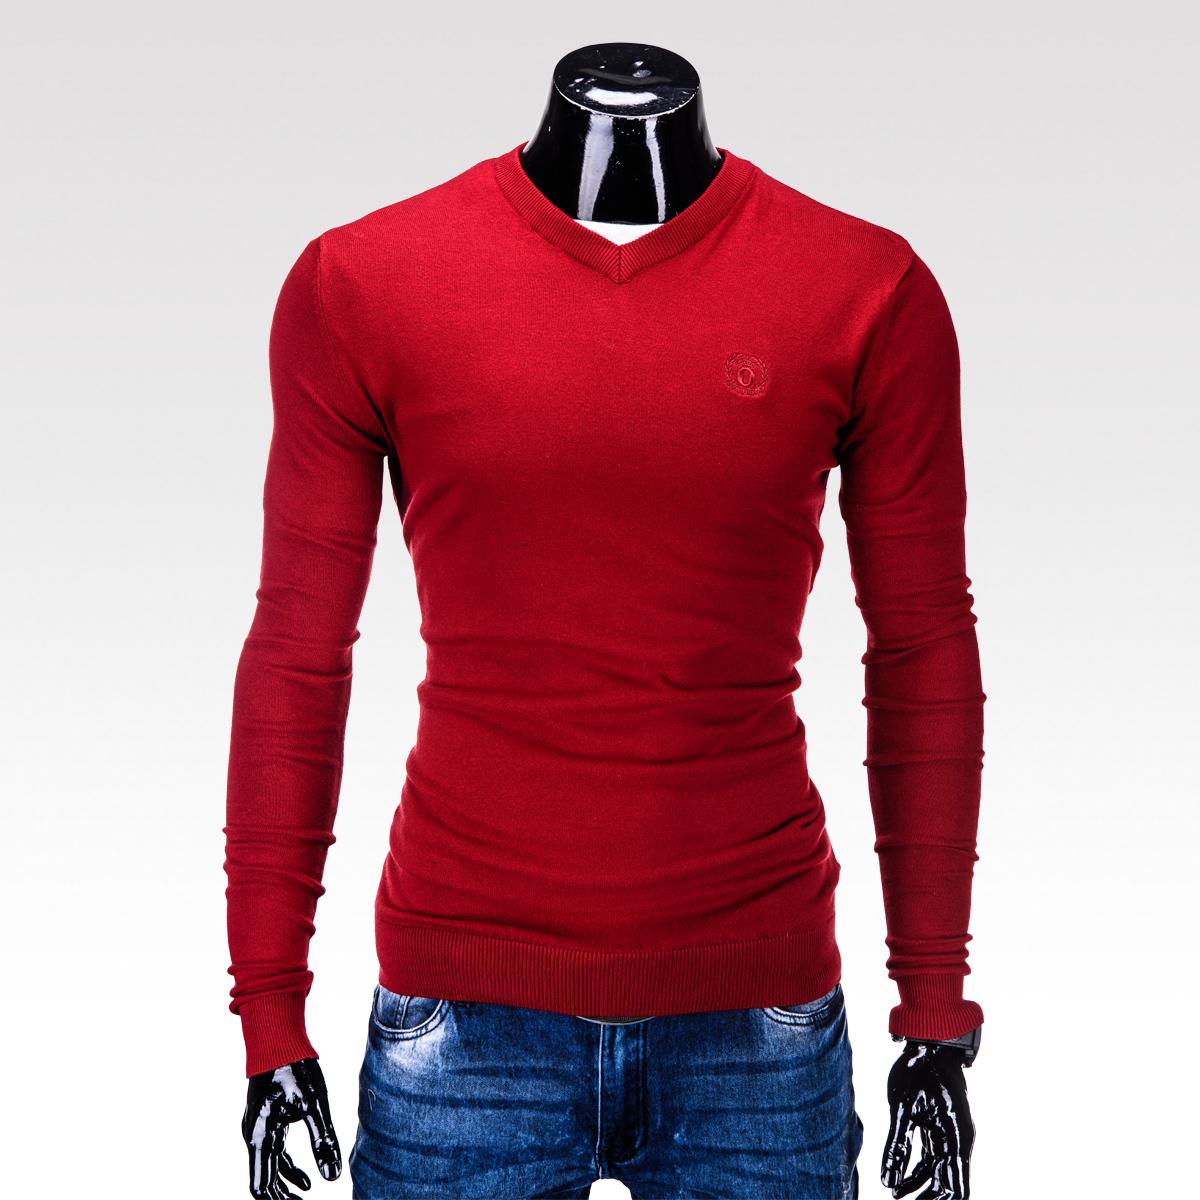 Pánský svetr Verel červený